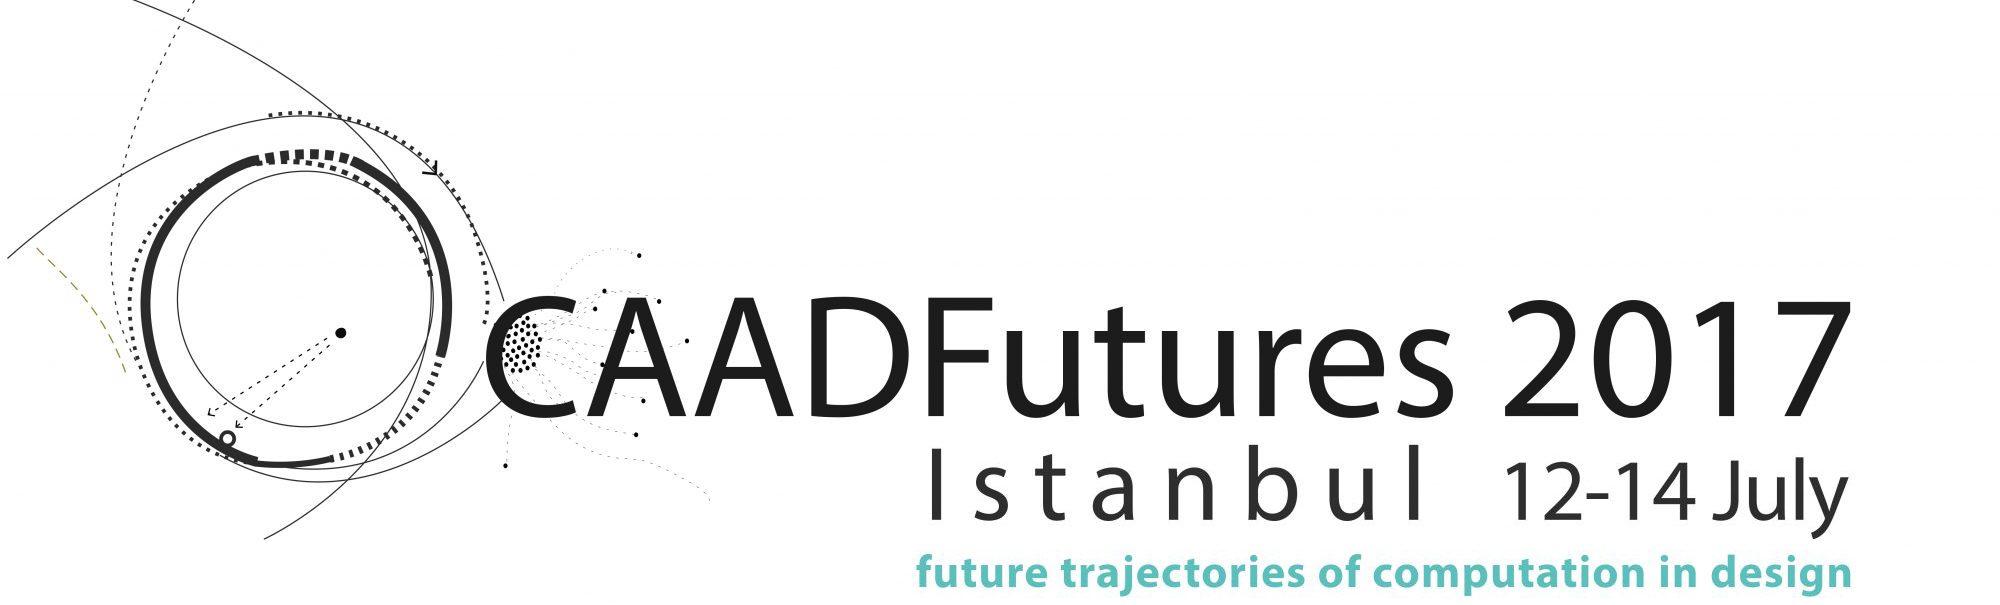 CAAD Futures 2017